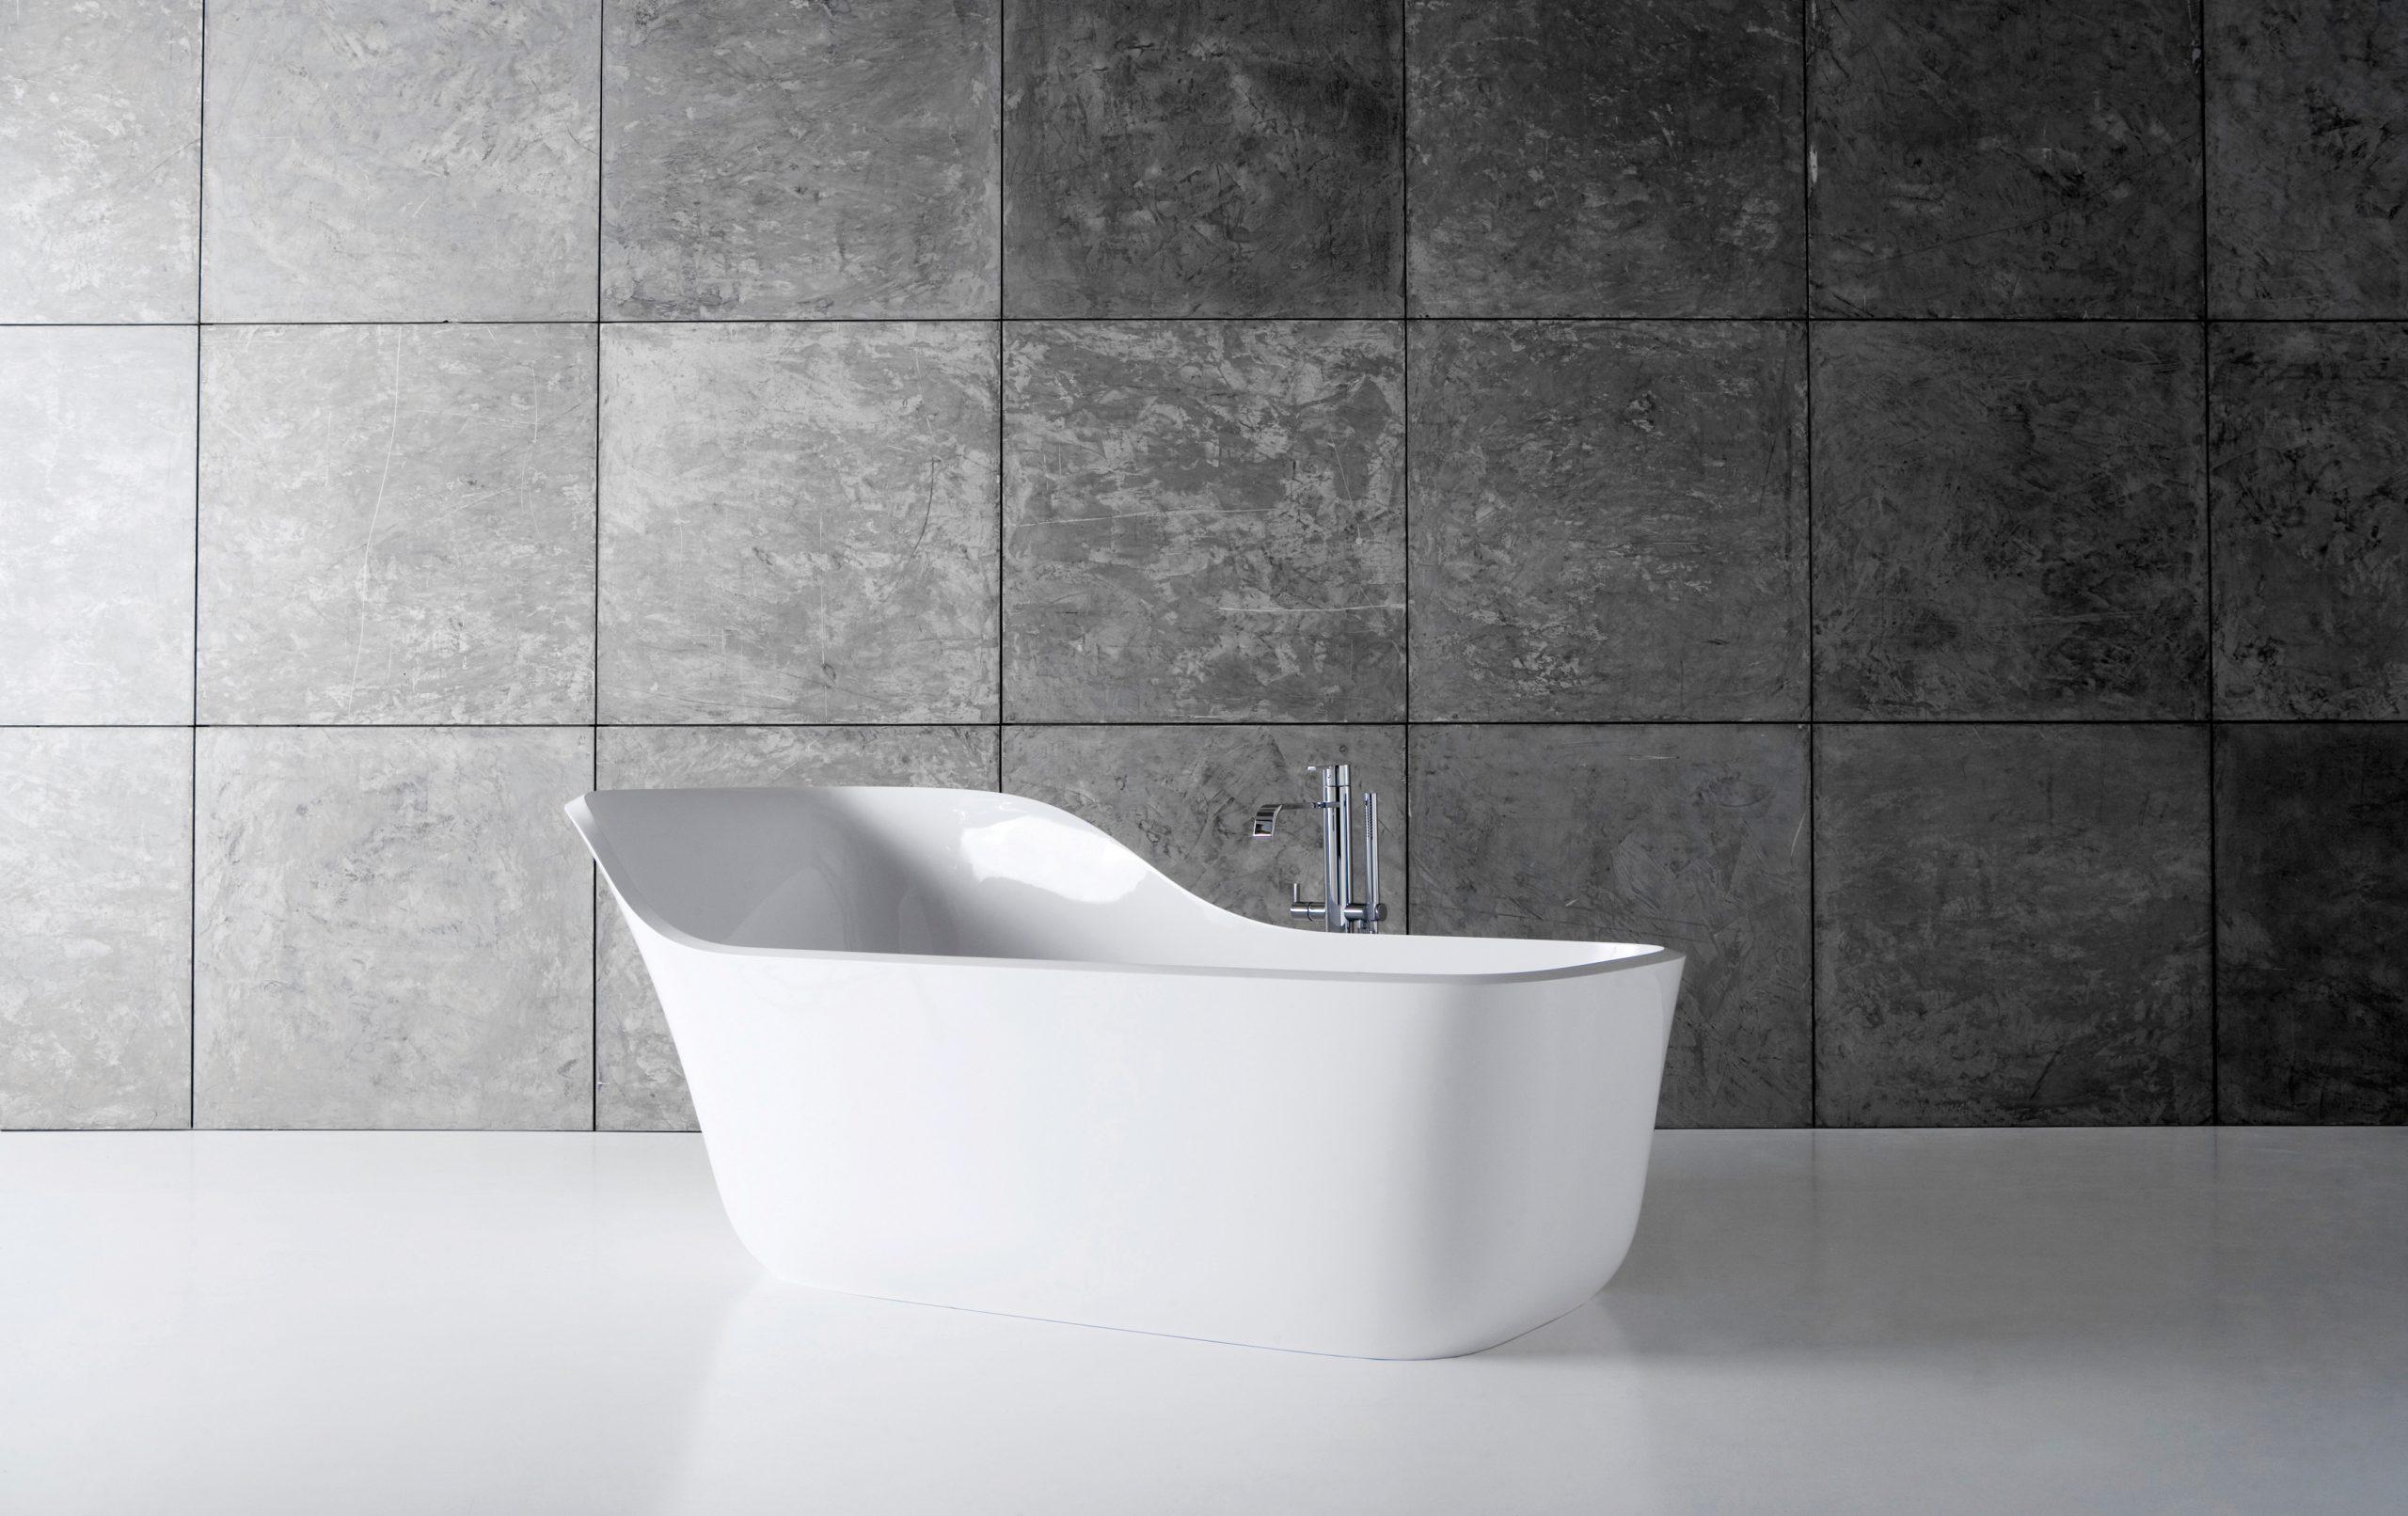 Wanda bathtub by Debiasi Sandri for Antoniolupi